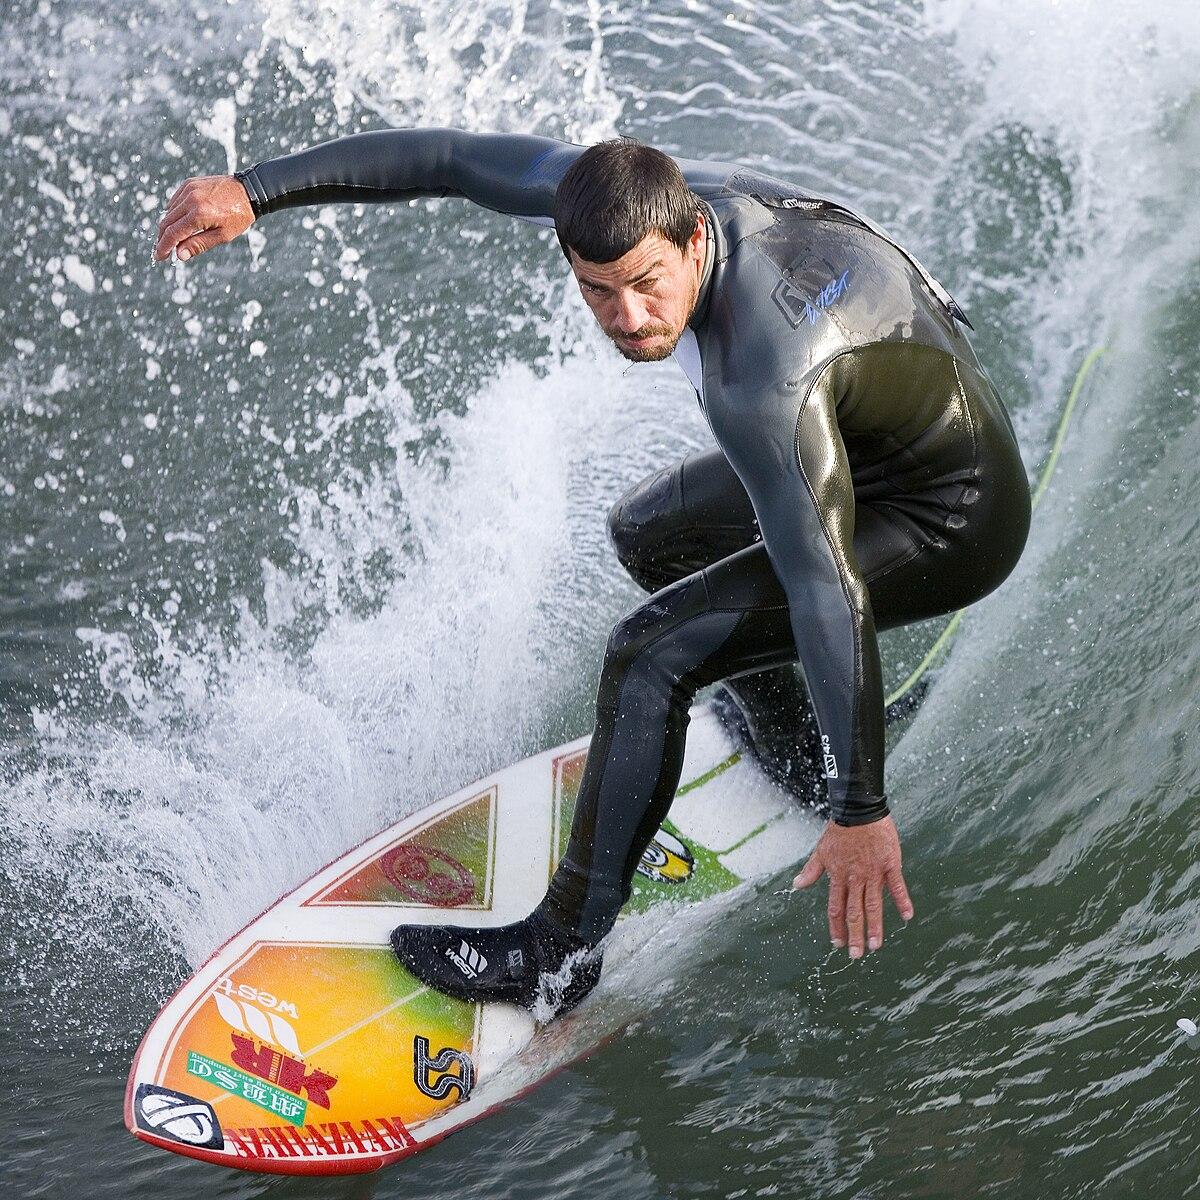 f29034a7b7edd Surfing - Wikipedia